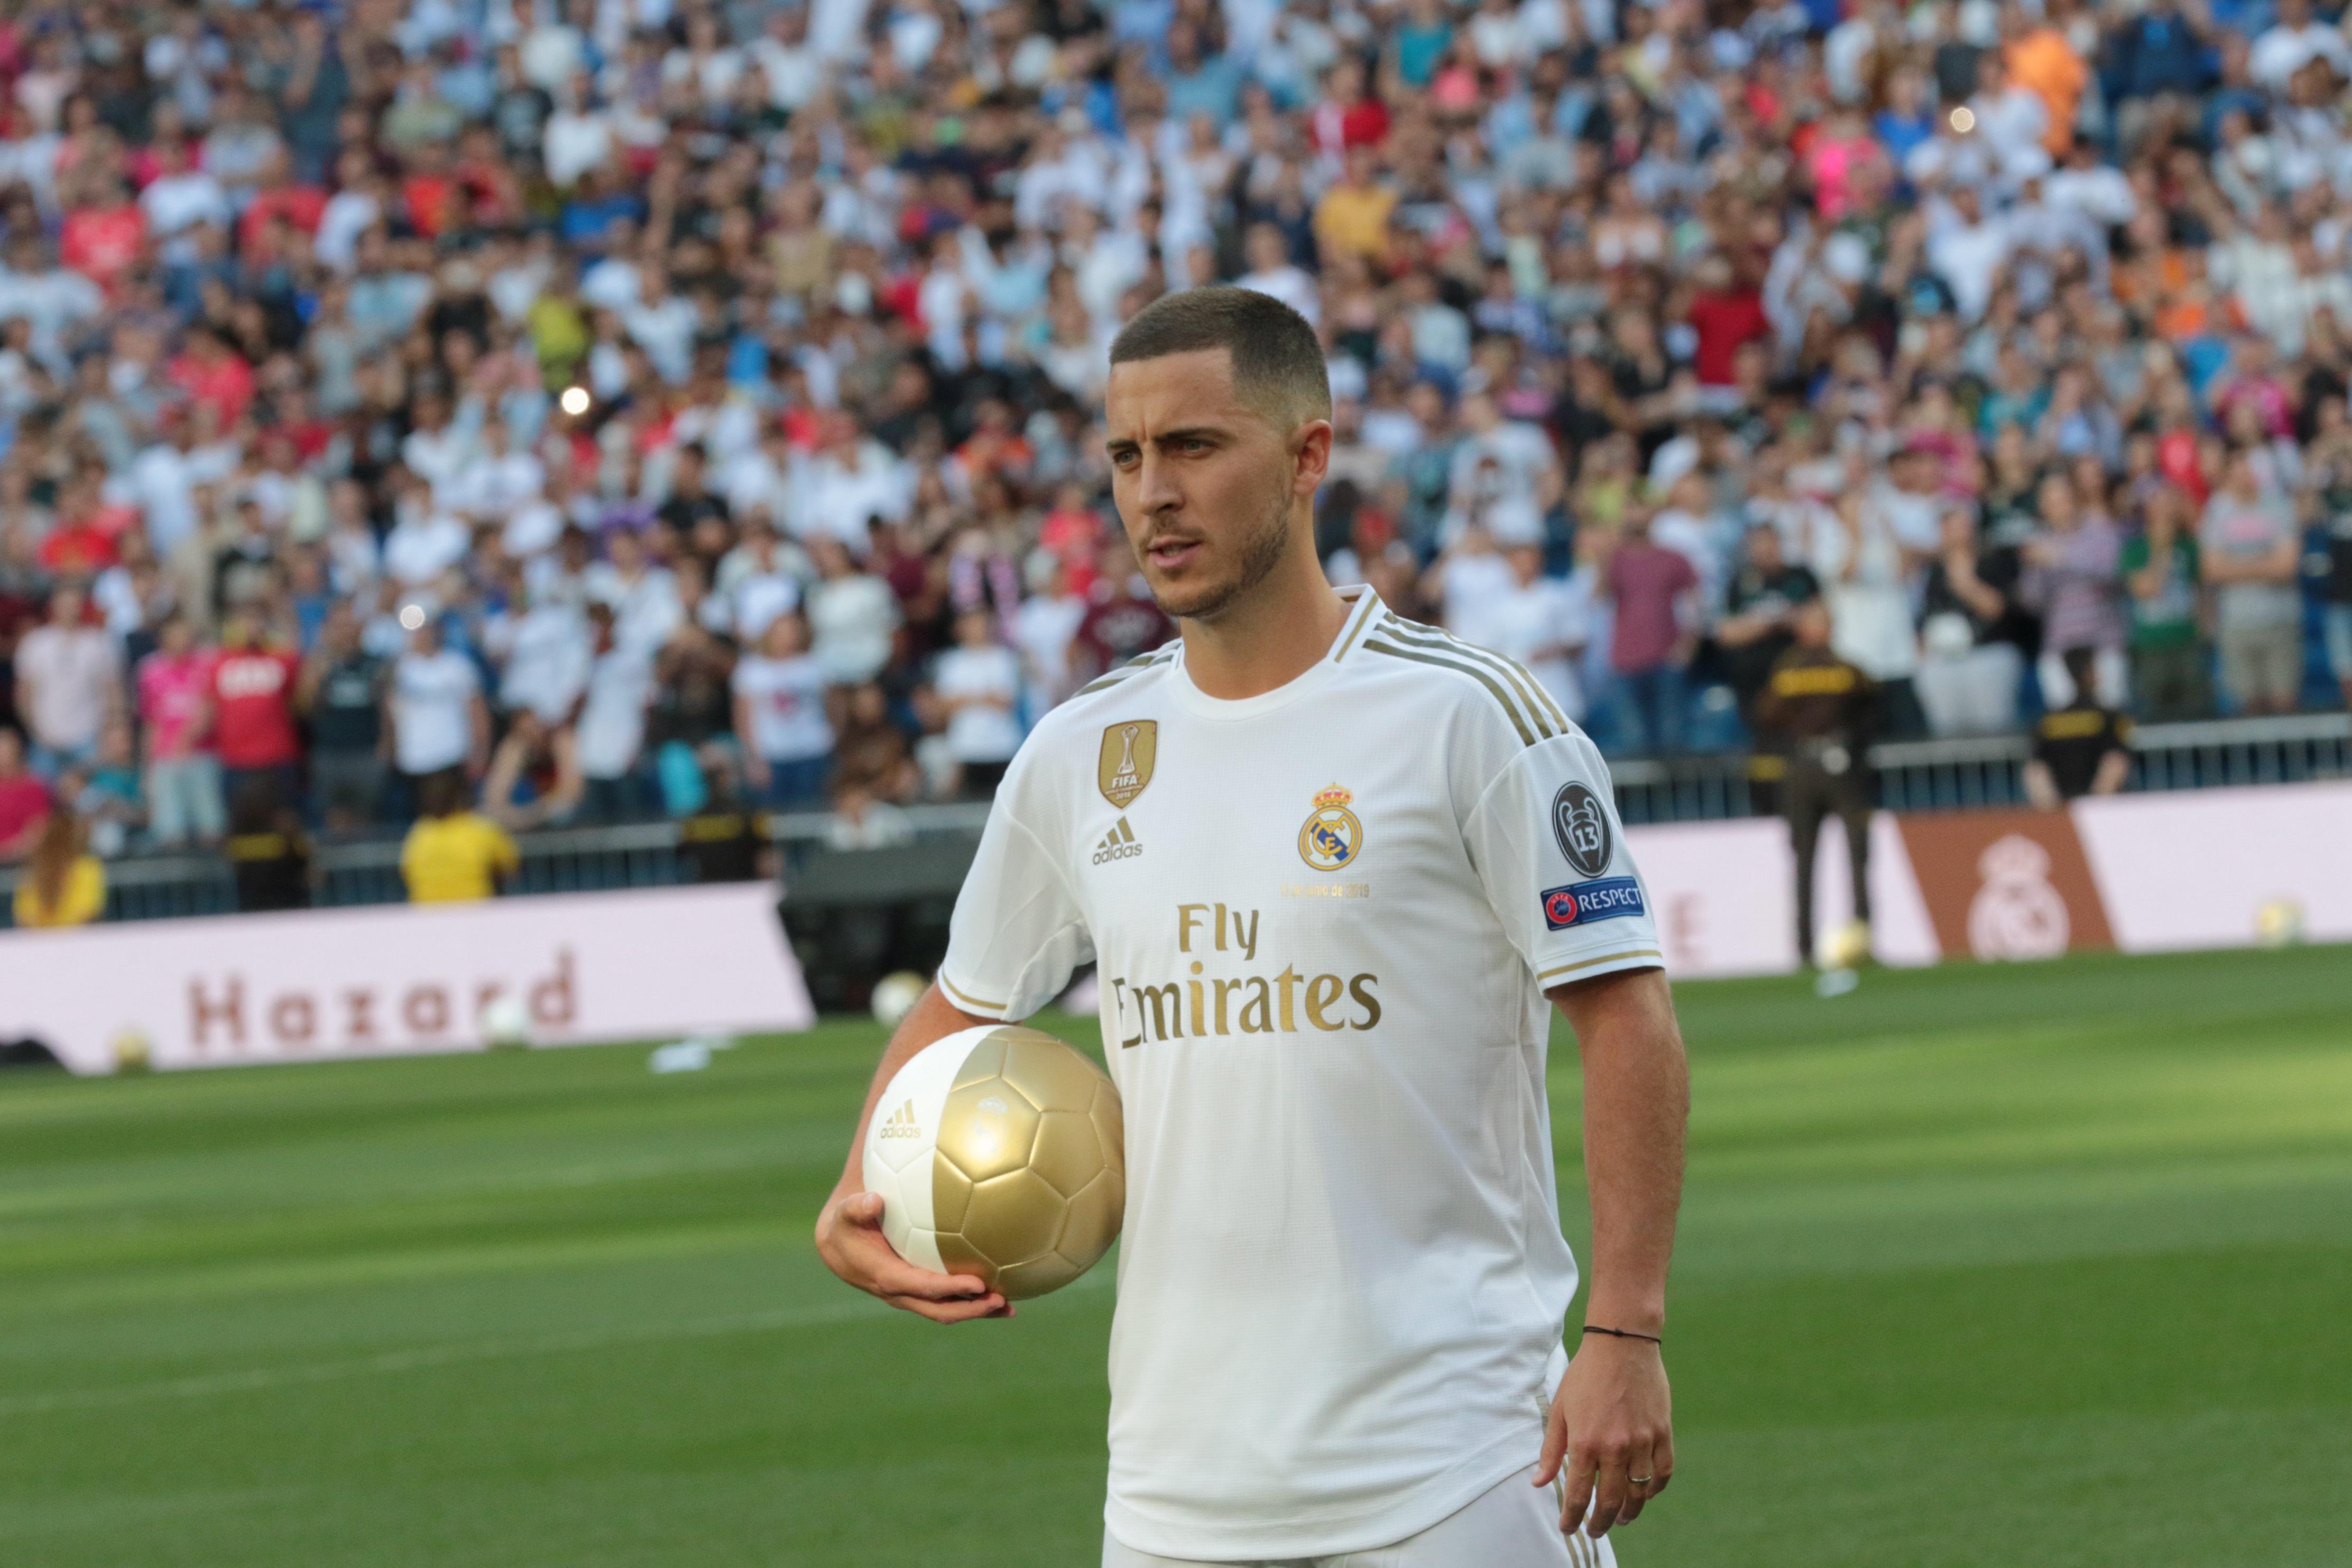 ce00e1ce9cc7 A madridi közönség már a bemutatása napján megalázta Eden Hazard-t - videó